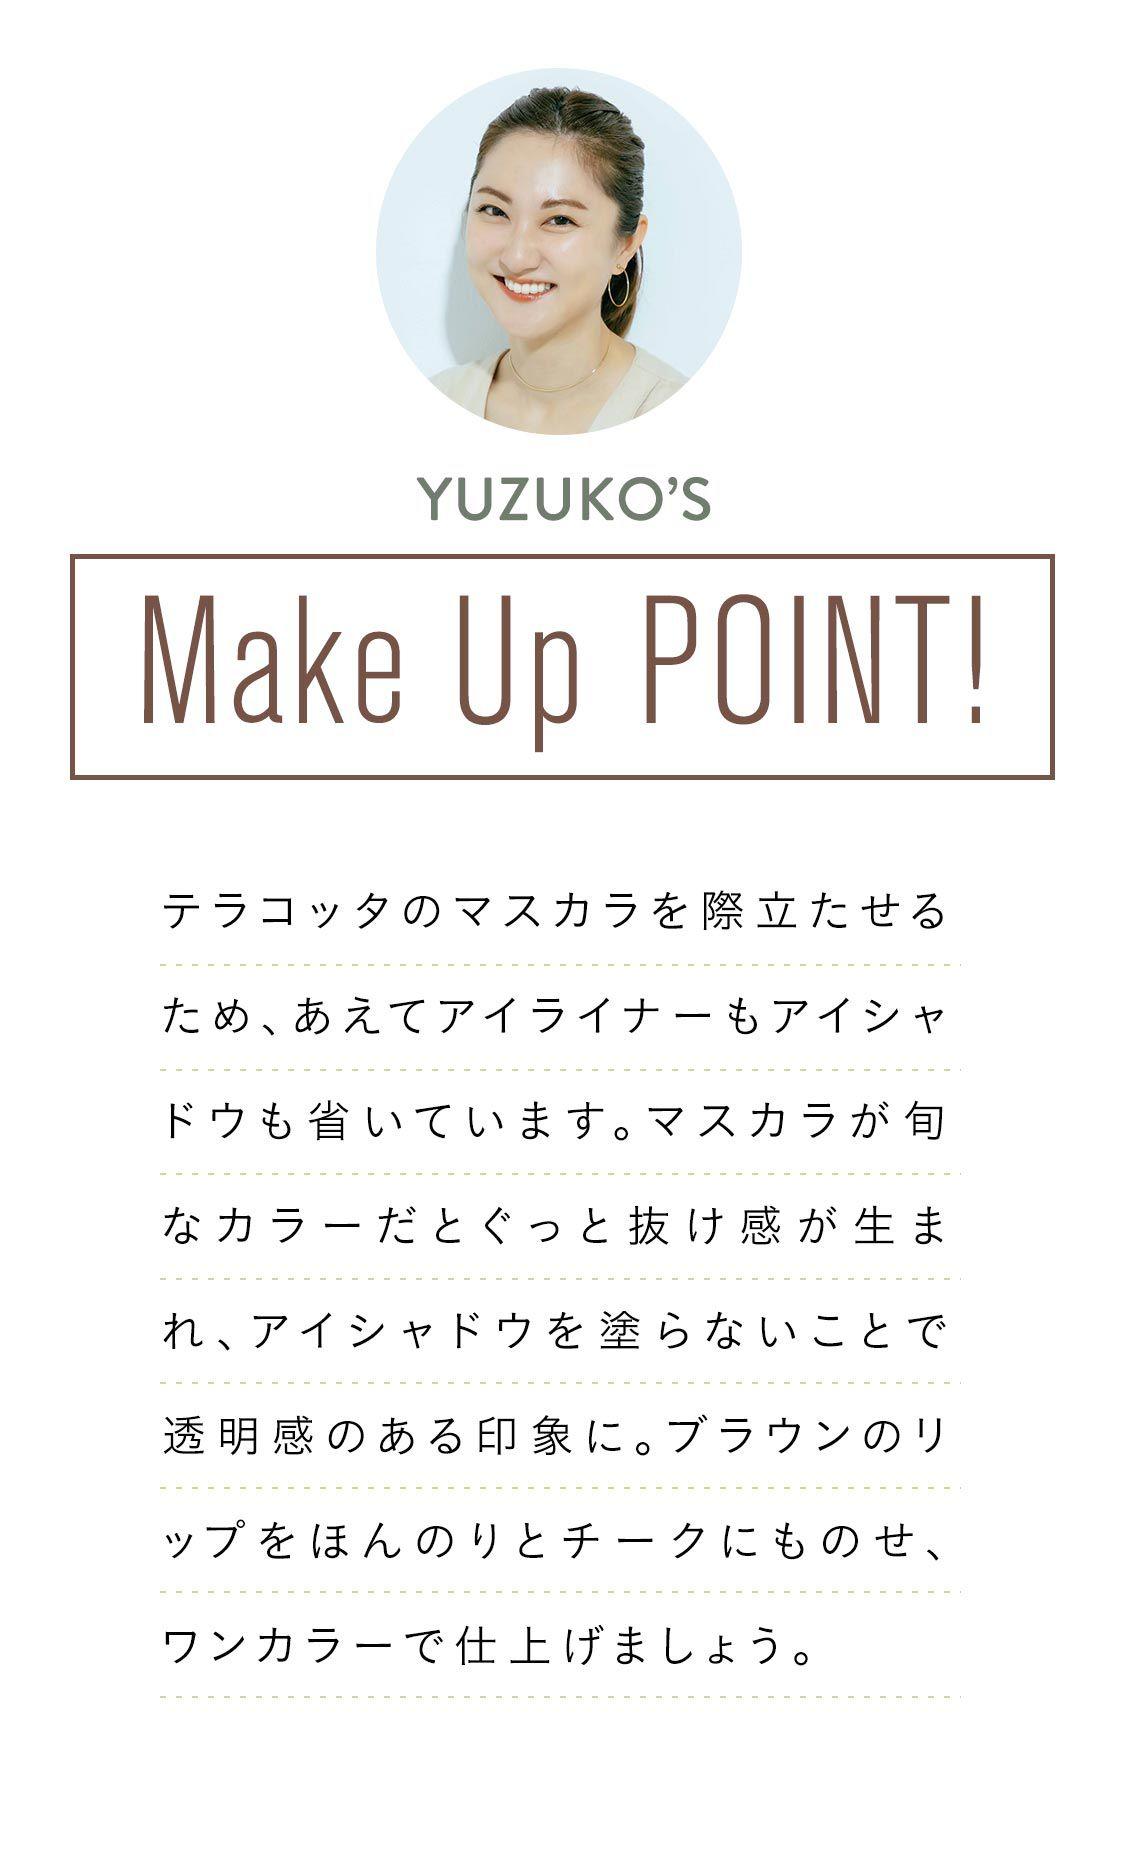 YUZUKO'S MAKE UP POINT